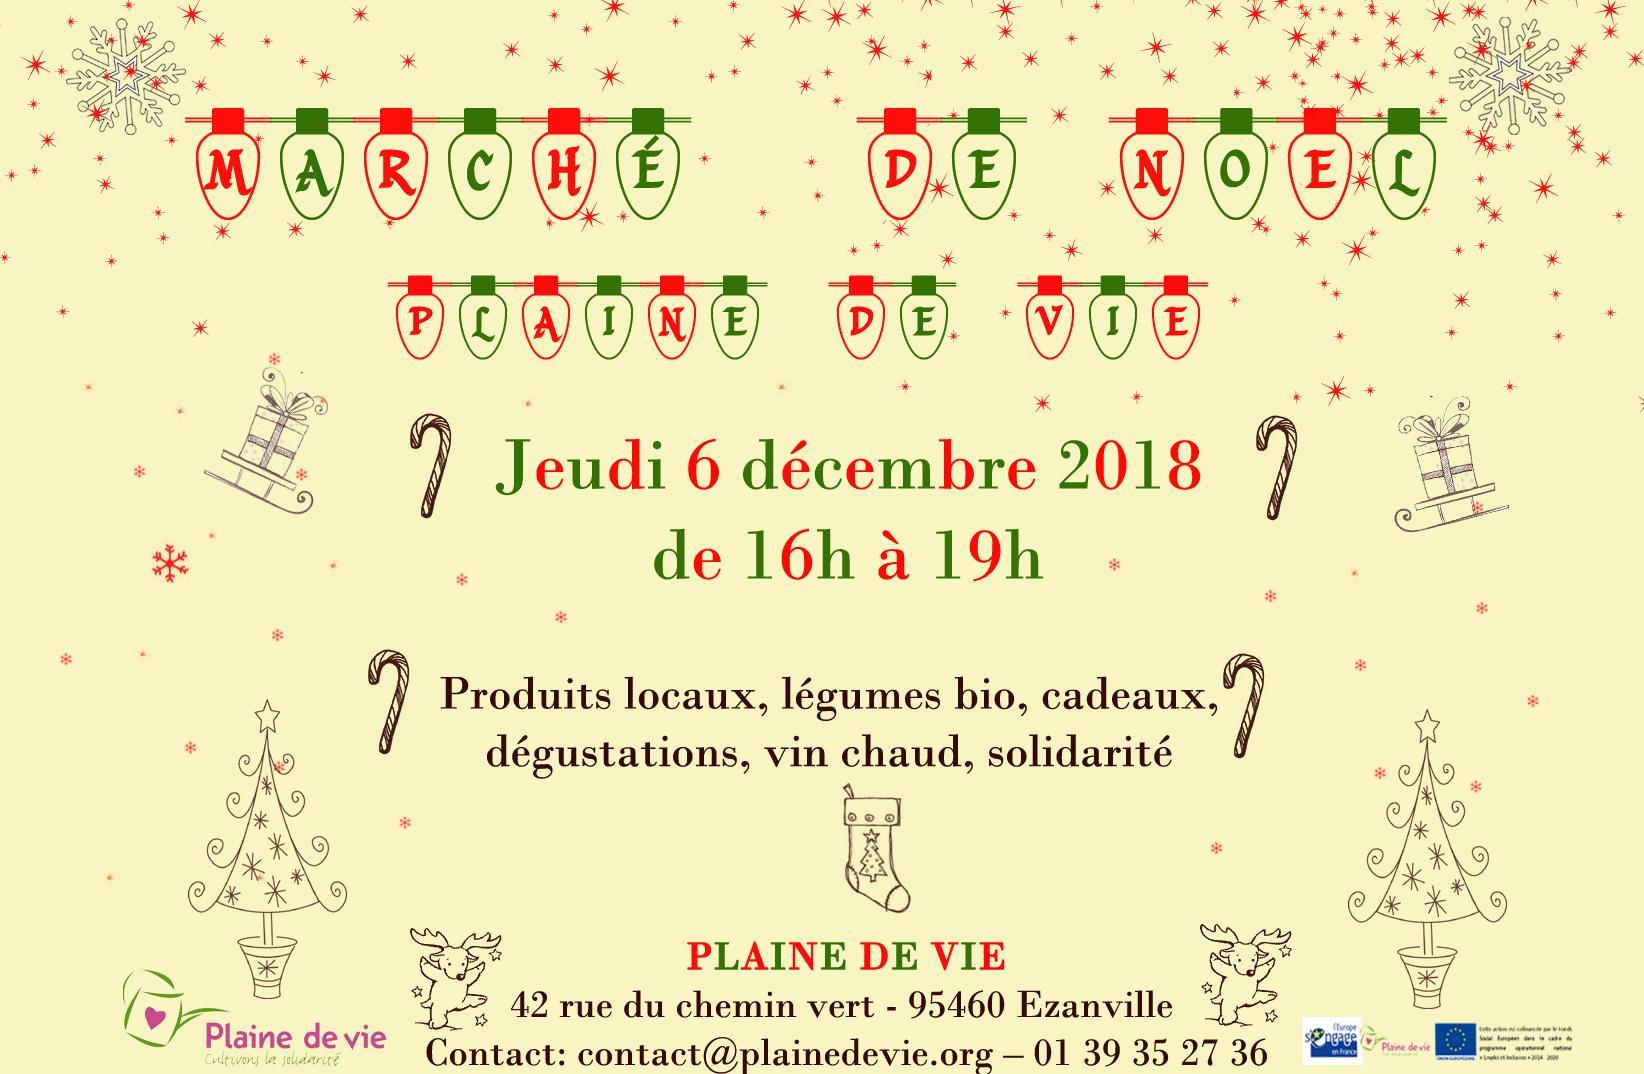 Marché de Noël 6 décembre 2018